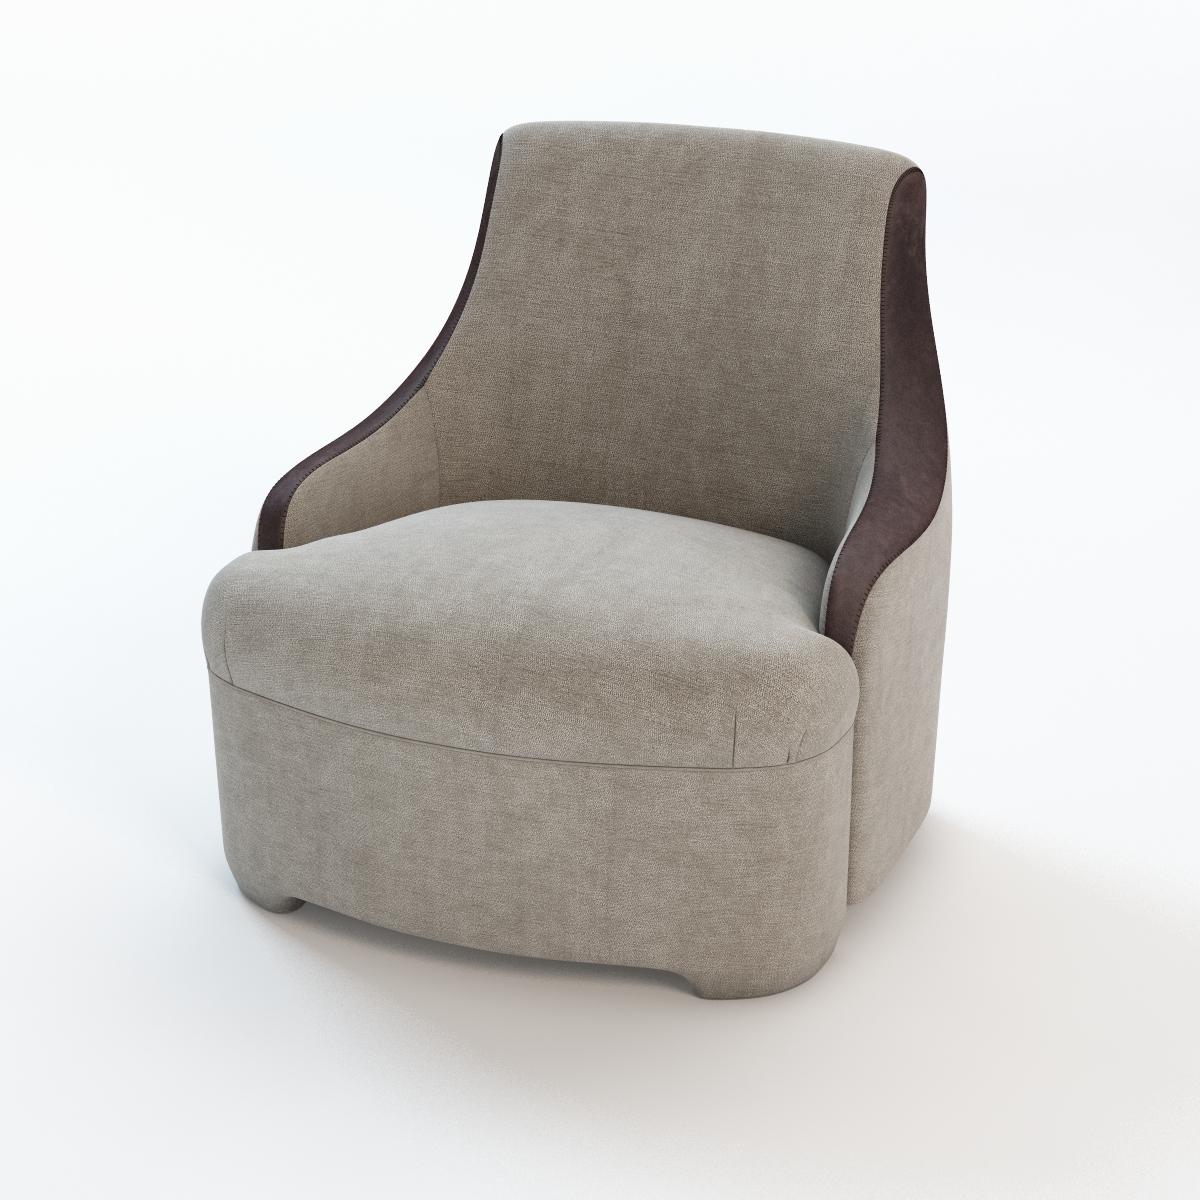 Full Size of Detail Luxus Schlafzimmer Stuhl 3d Modell Turbosquid 882557 Kommoden Mit überbau Schaukel Für Garten Spiegelschränke Fürs Bad Griesbach Fürstenhof Rollos Schlafzimmer Stuhl Für Schlafzimmer